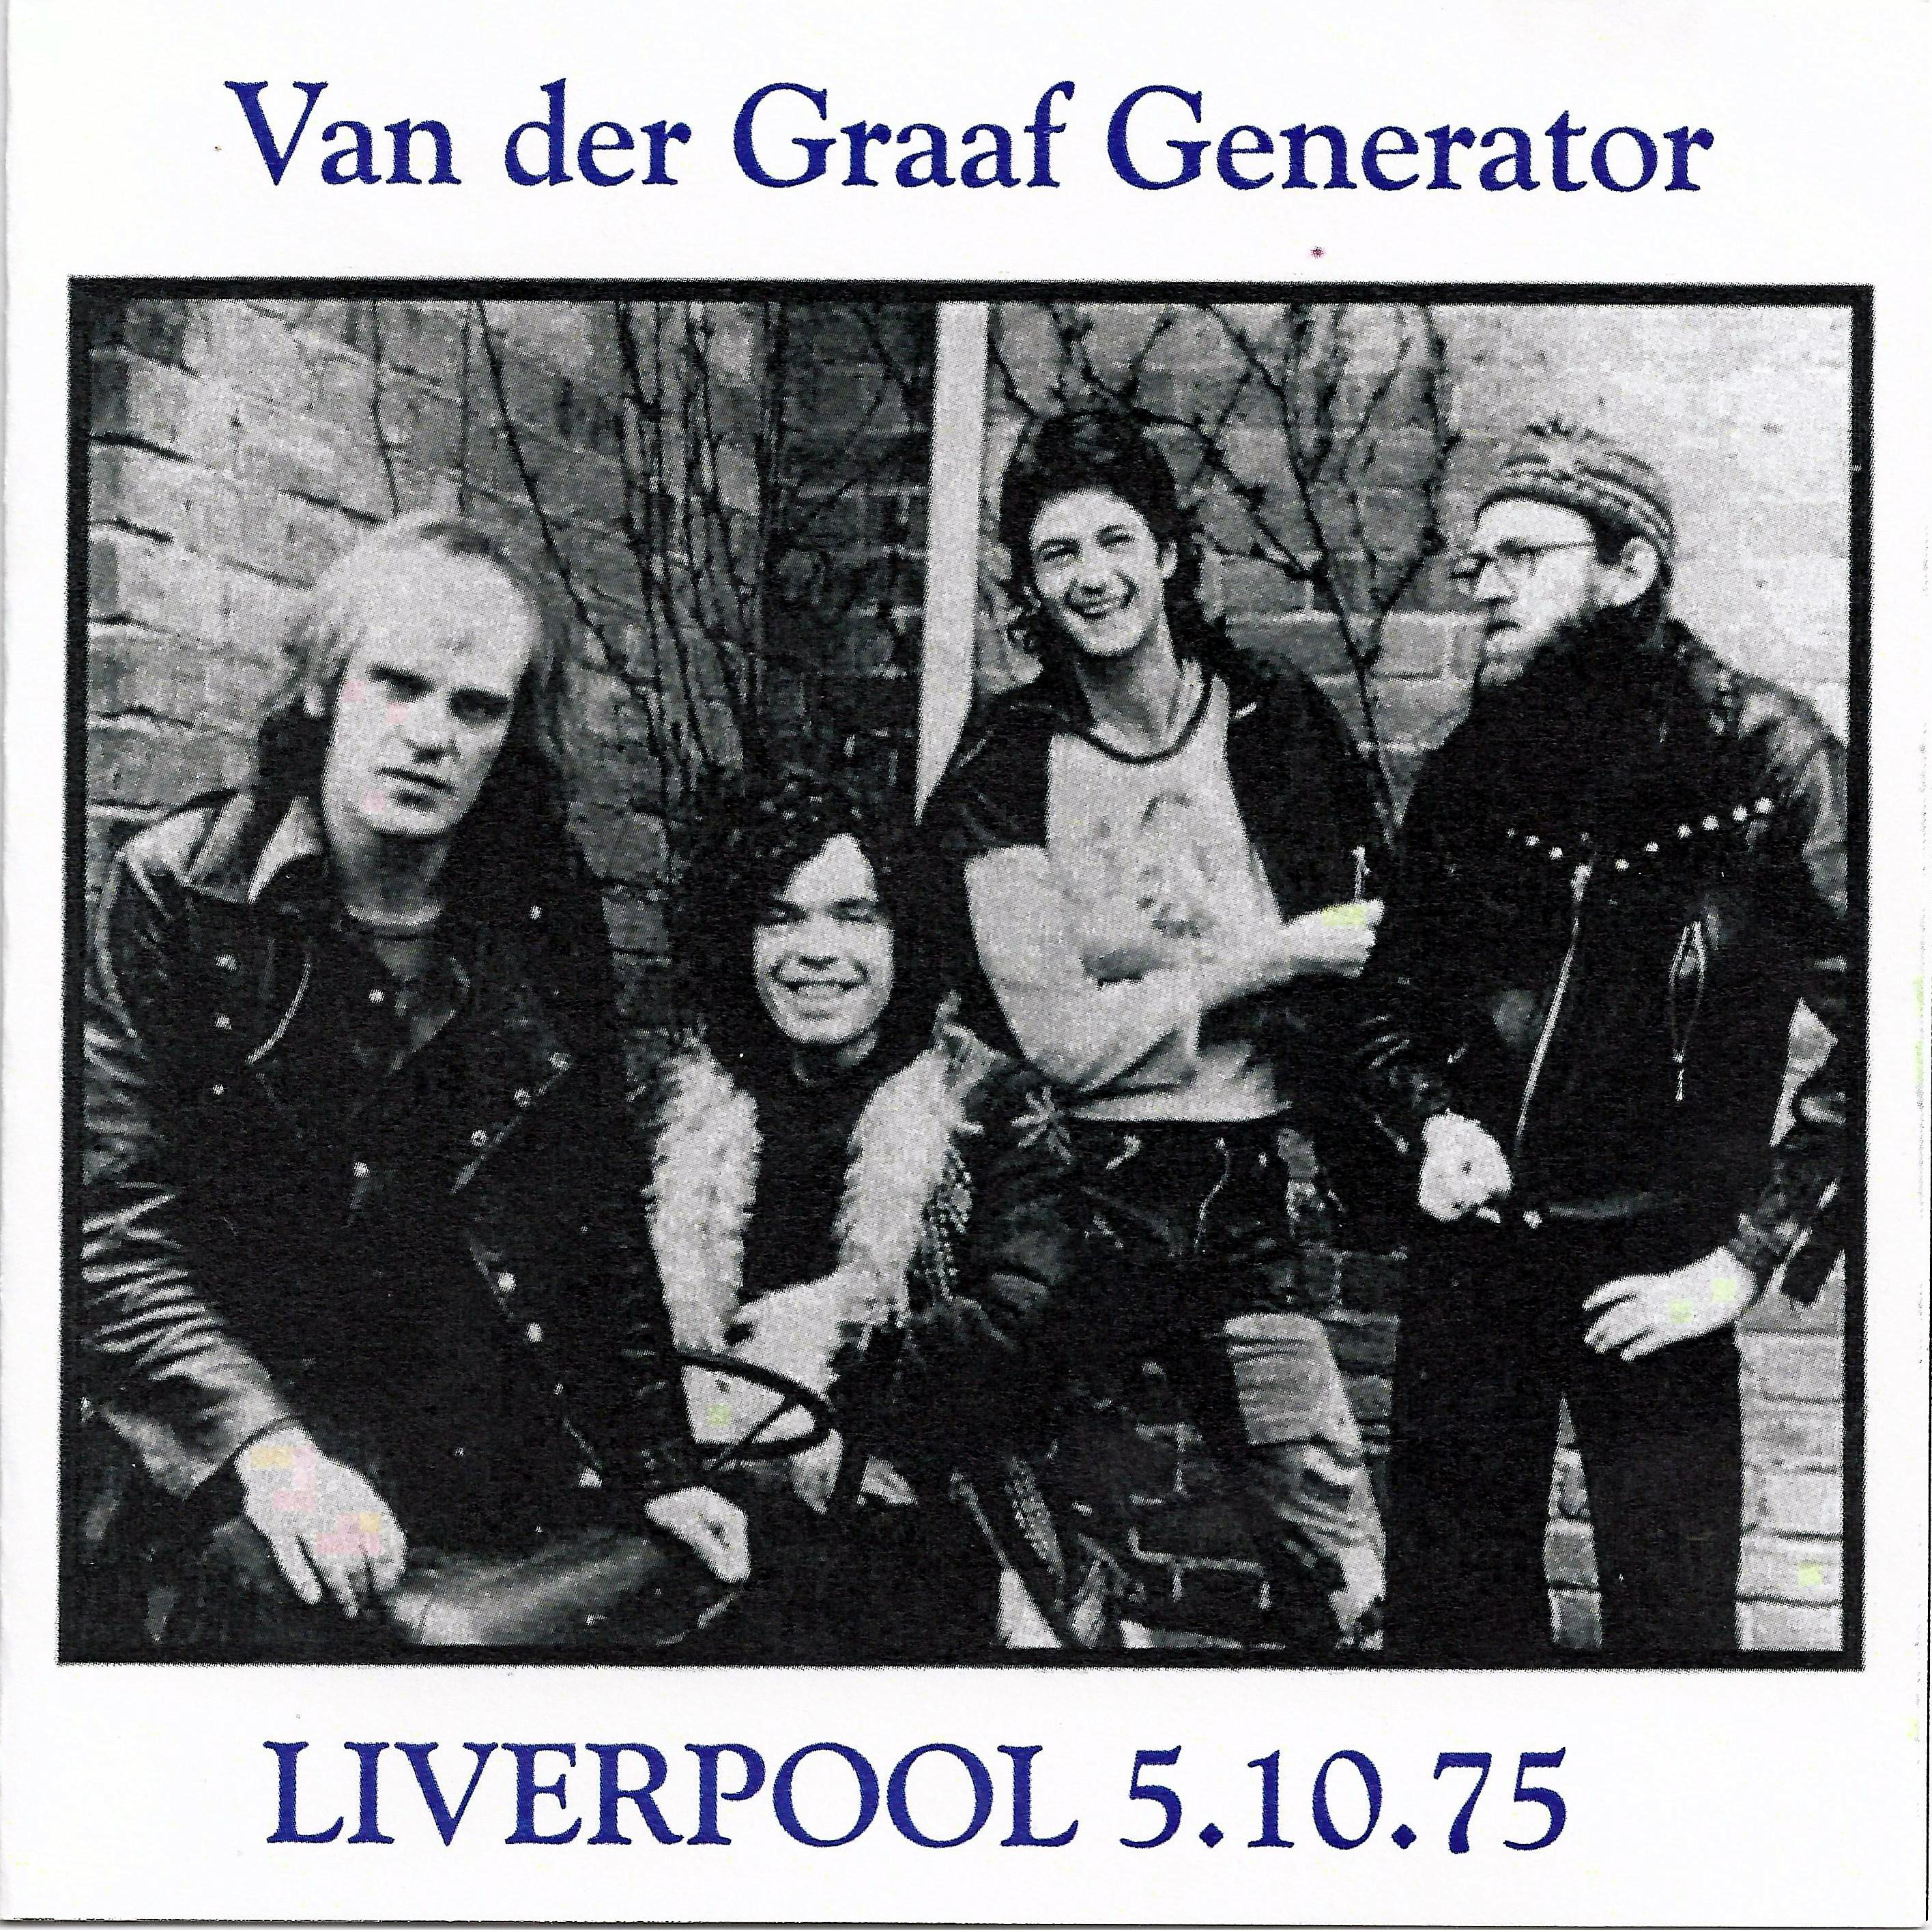 VanDerGraafGenerator1975-10-05LiverpoolStadiumUK.jpg